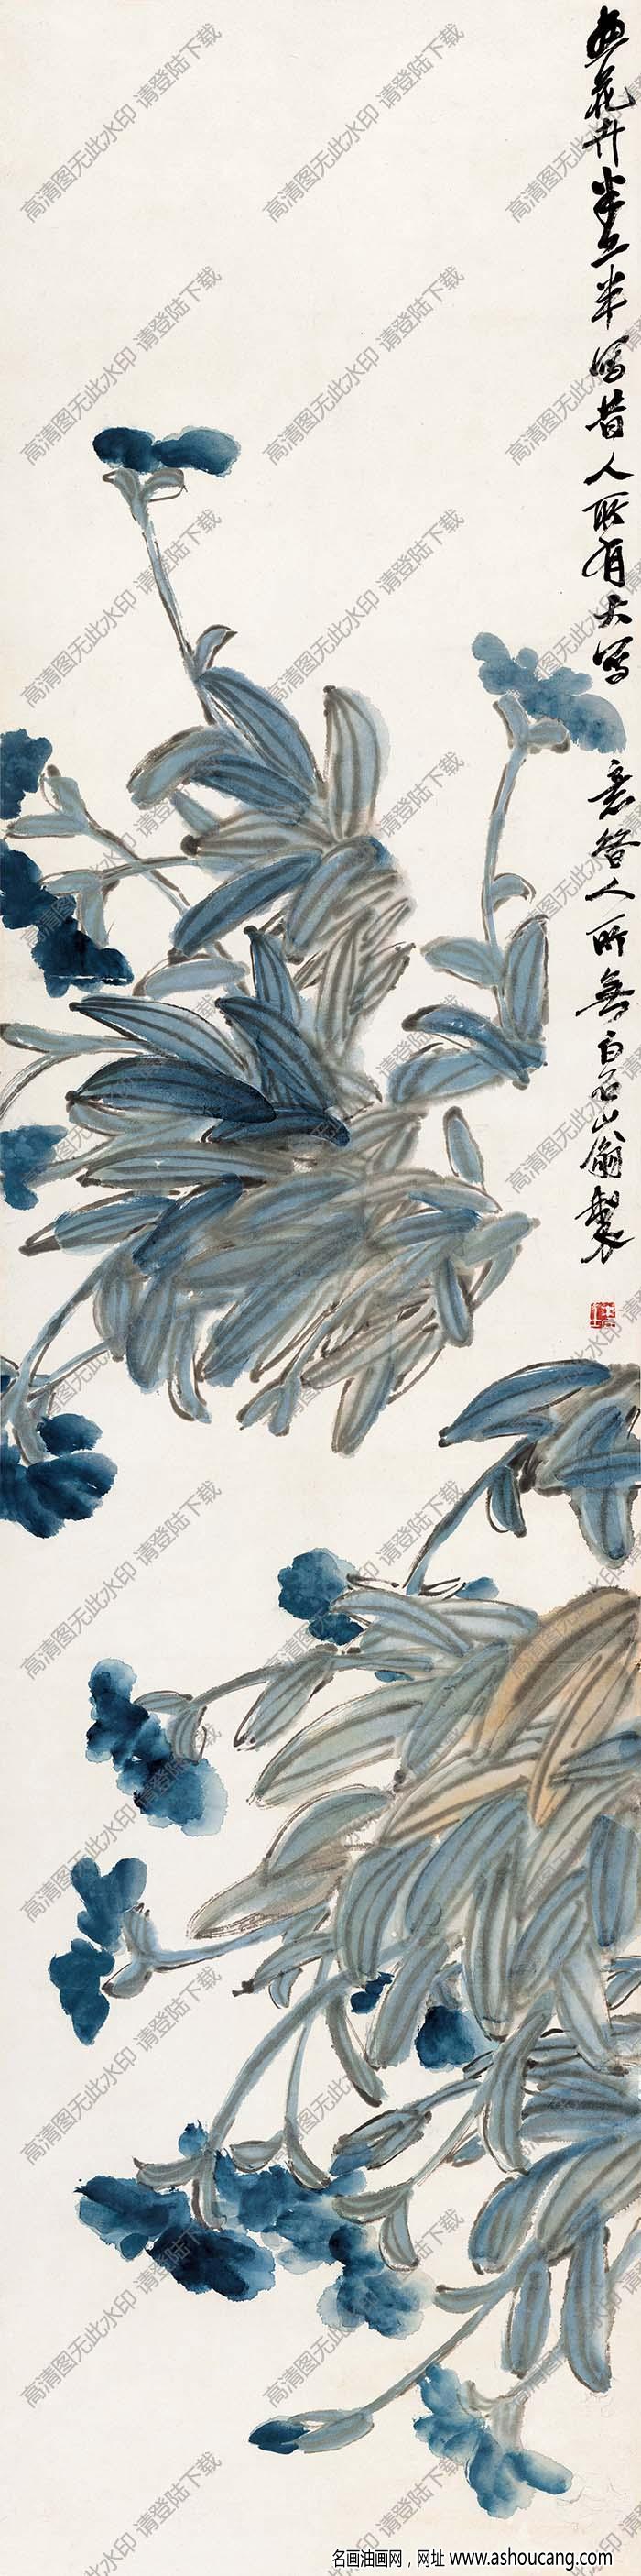 齐白石 国画《蝴蝶兰图》高清大图下载